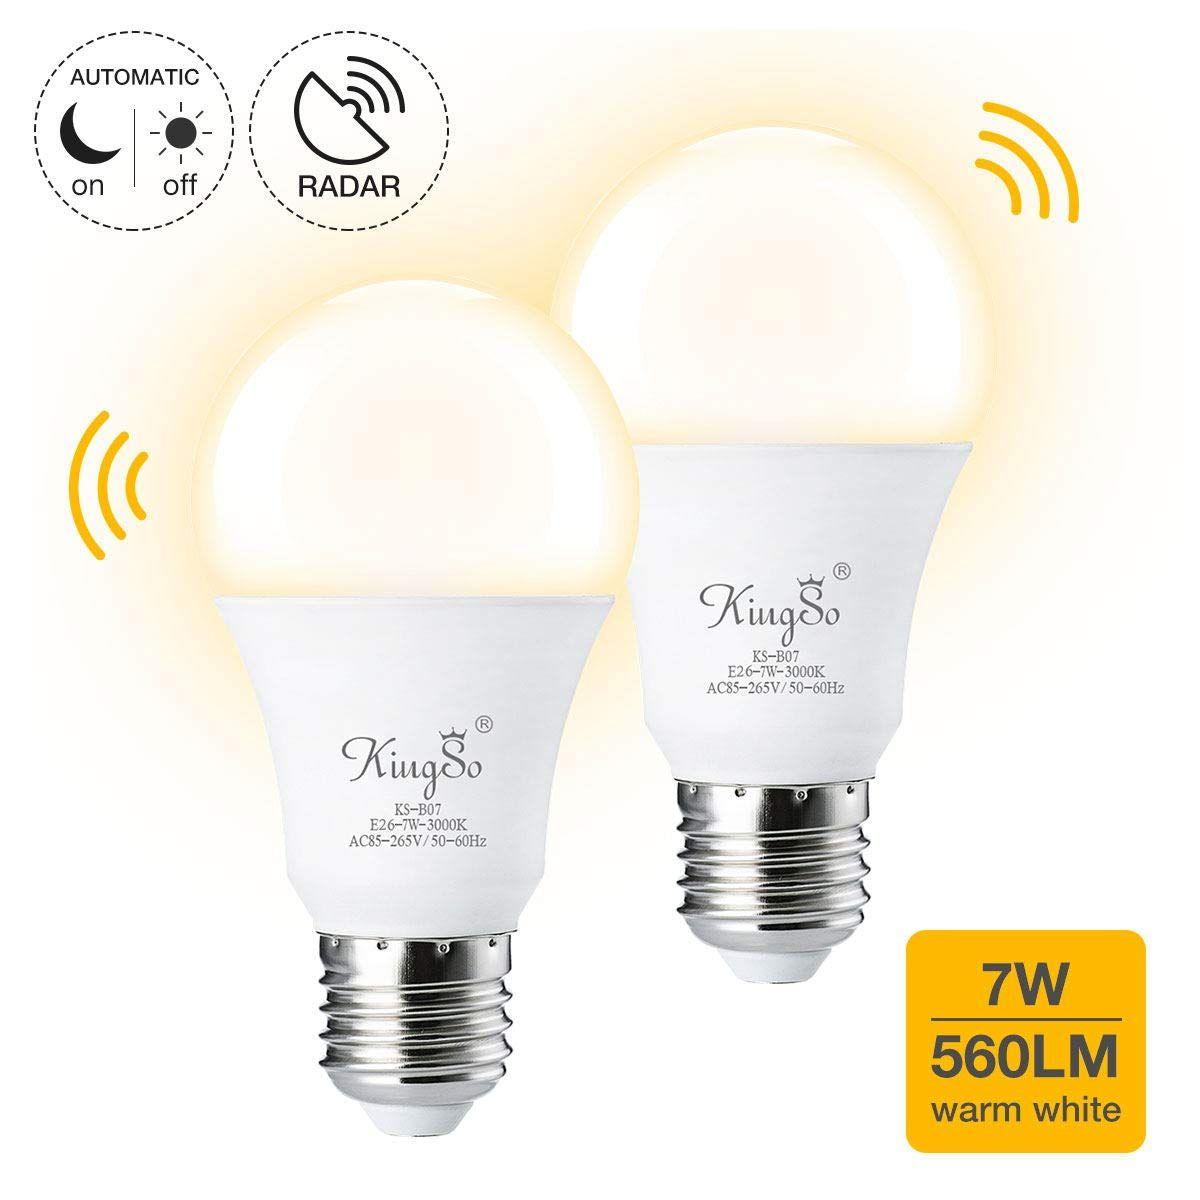 Radar Motion Sensor Light Bulbs Kingso 2 Pack 7w Smart Motion Activated Led Night Lights E26 E27 Dusk To Da Motion Sensor Lights Led Night Light Light Sensor